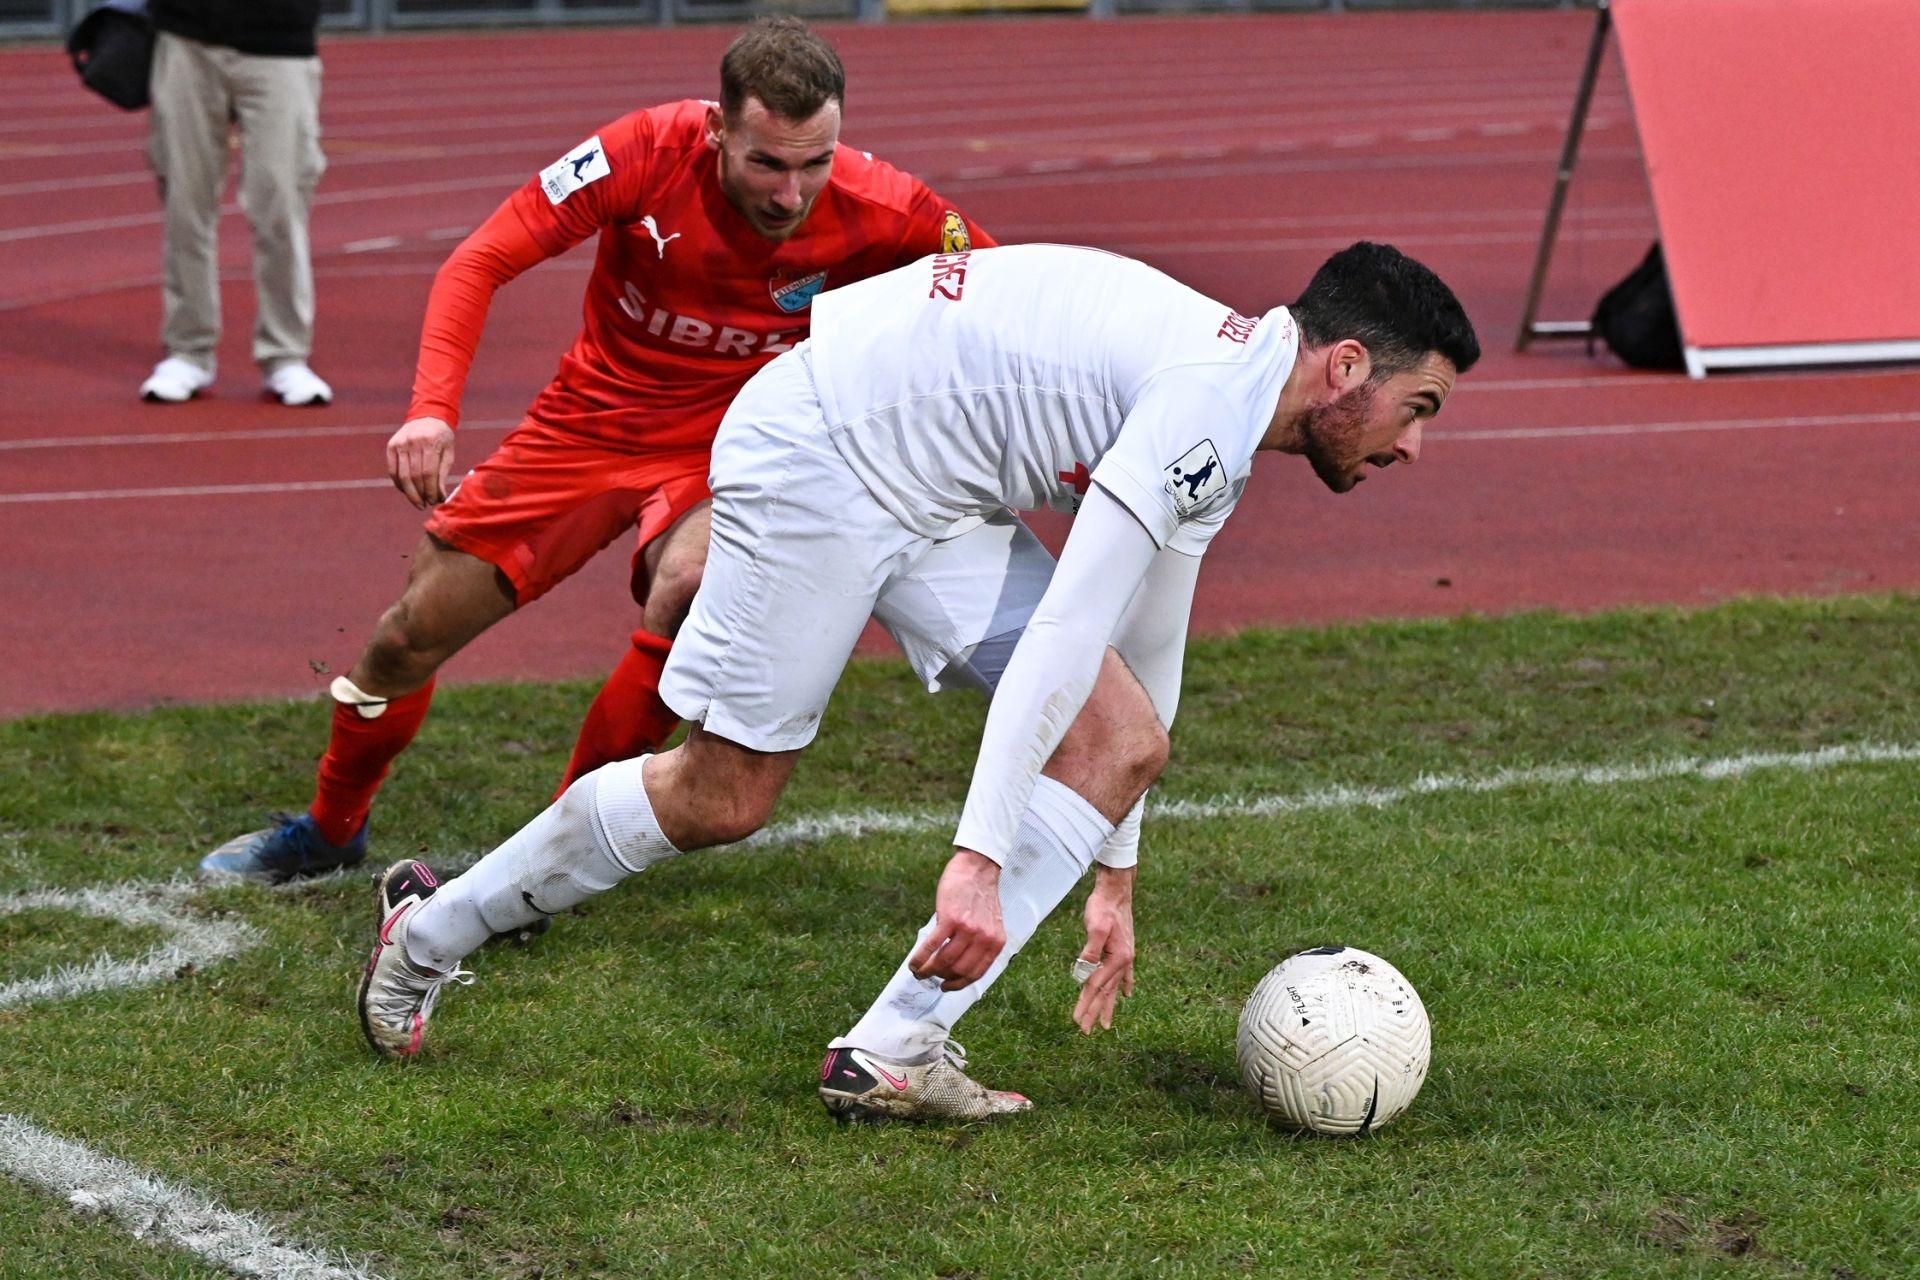 Regionalliga Südwest 2020/21, KSVHessen Kassel, TSV Steinbach Haiger, Endstand 2:1, Adrian Bravo Sanchez